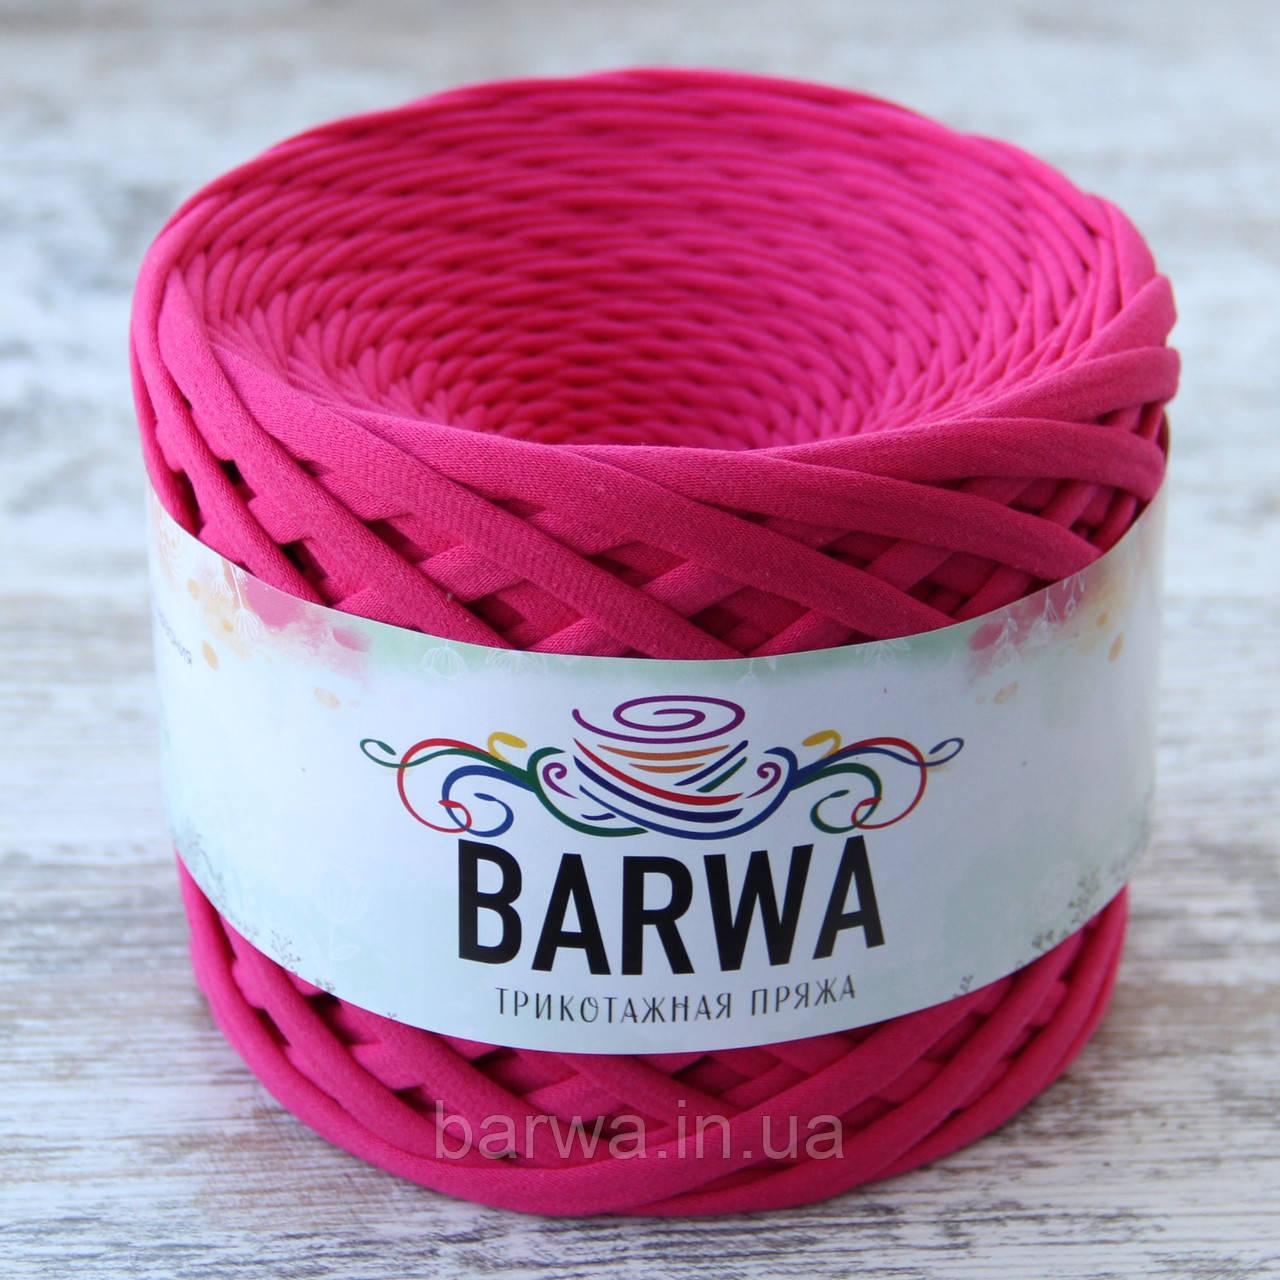 Трикотажная пряжа BARWA standart 7-9 мм, цвет Малина